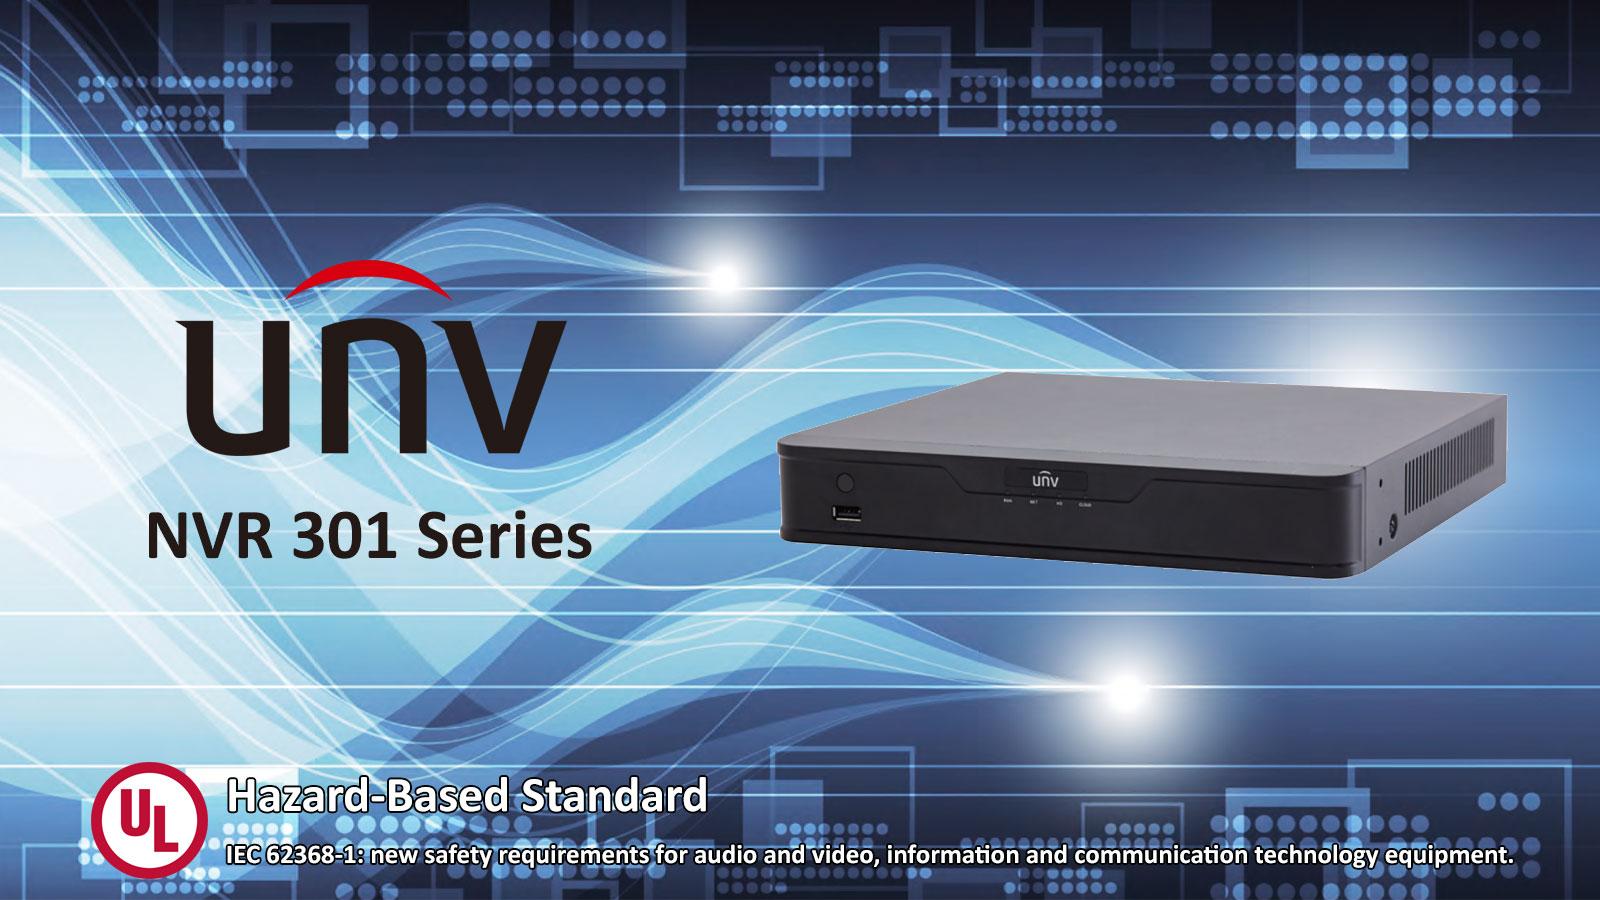 شرکت Uniview، برای اولین بار در کشور چین، بالاترین گواهی استاندارد امنیت را از کمپانی UL برای دستگاه NVR سری 301 دریافت کرد.